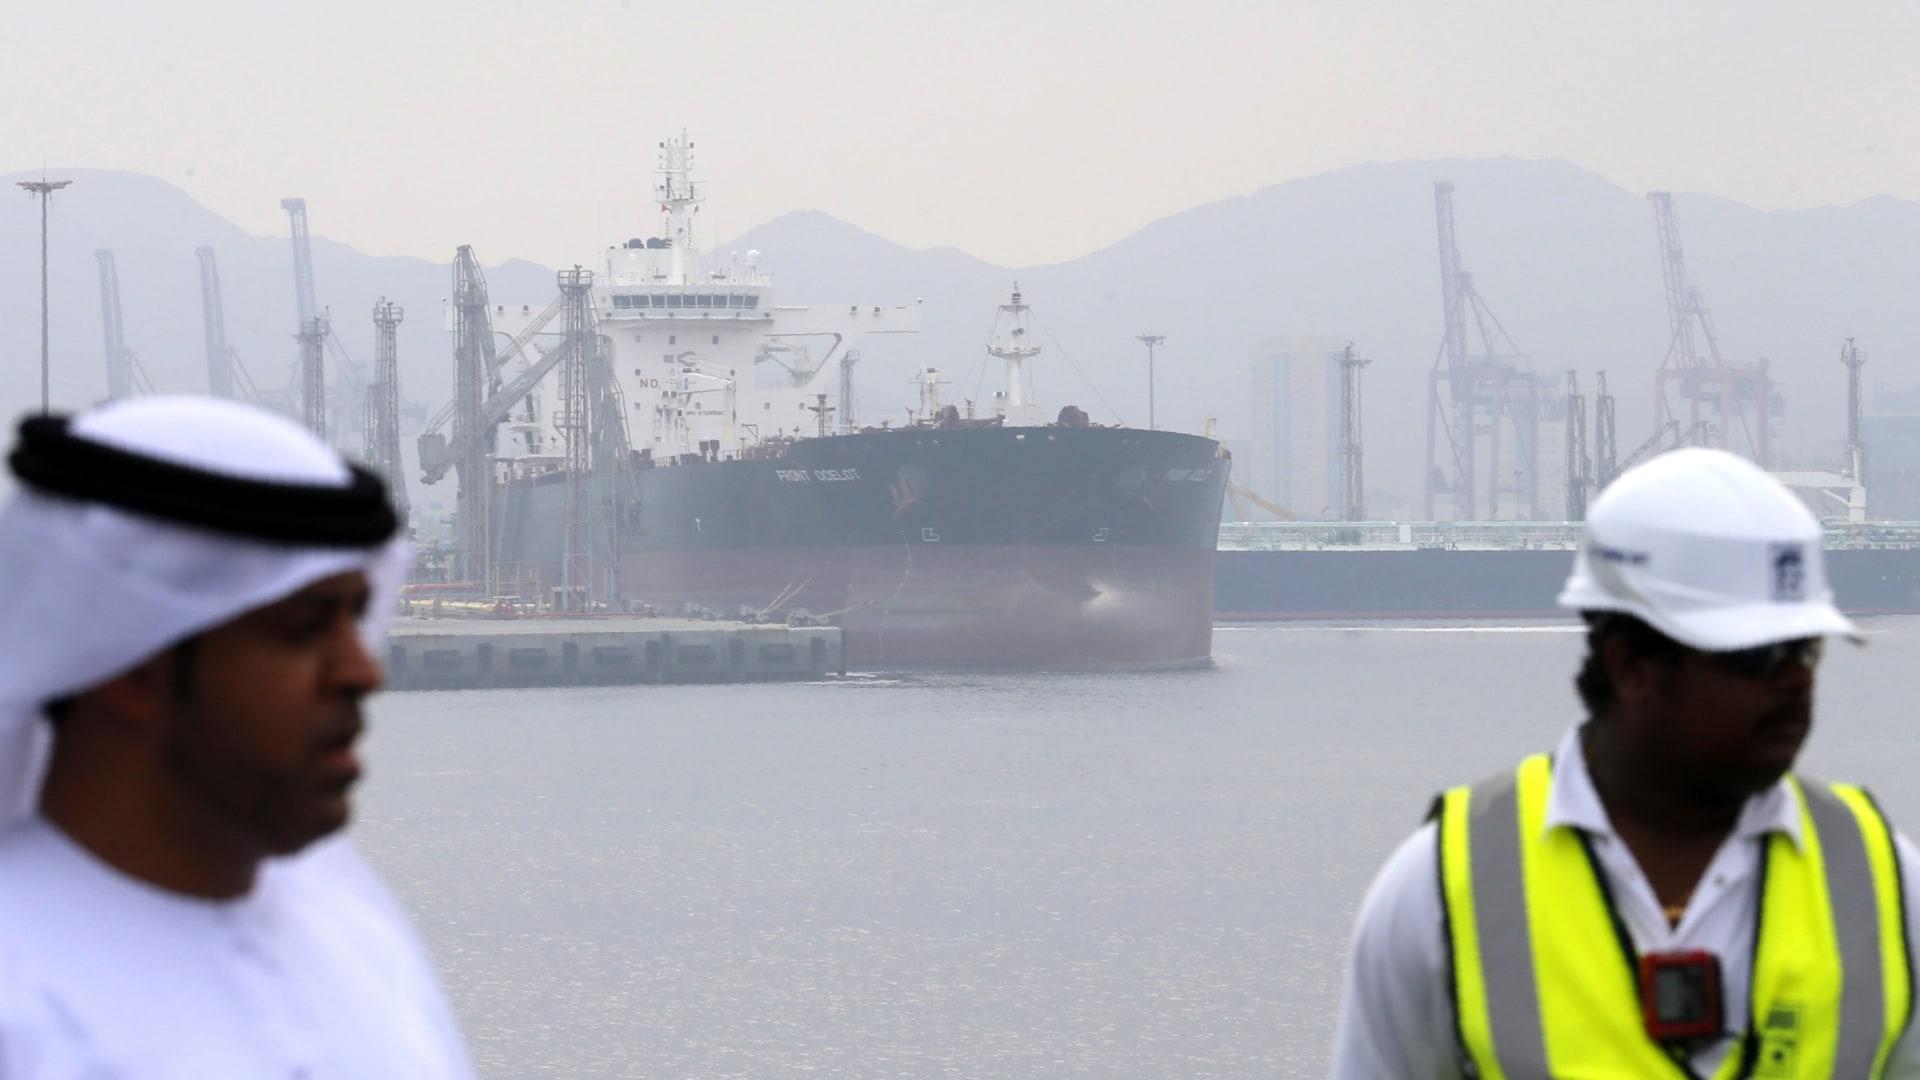 """شاهد آثار """"الهجوم التخريبي"""" الذي استهدف 4 سفن قرب الإمارات"""